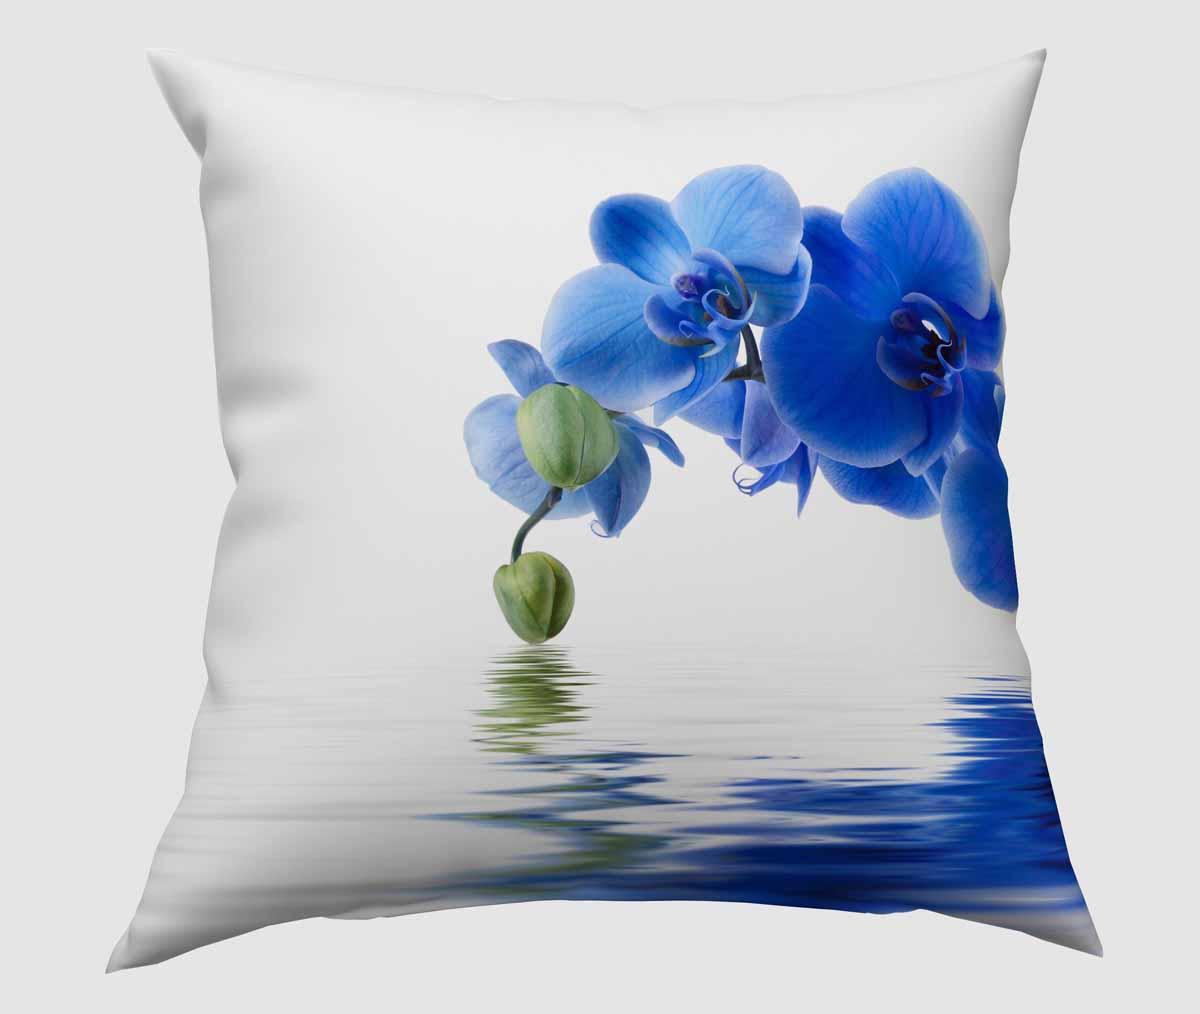 Подушка декоративная Сирень Синяя орхидея, 40 х 40 см fosta подушка надувная с вырезом под голову f8052 синяя 42 х 27 5 см